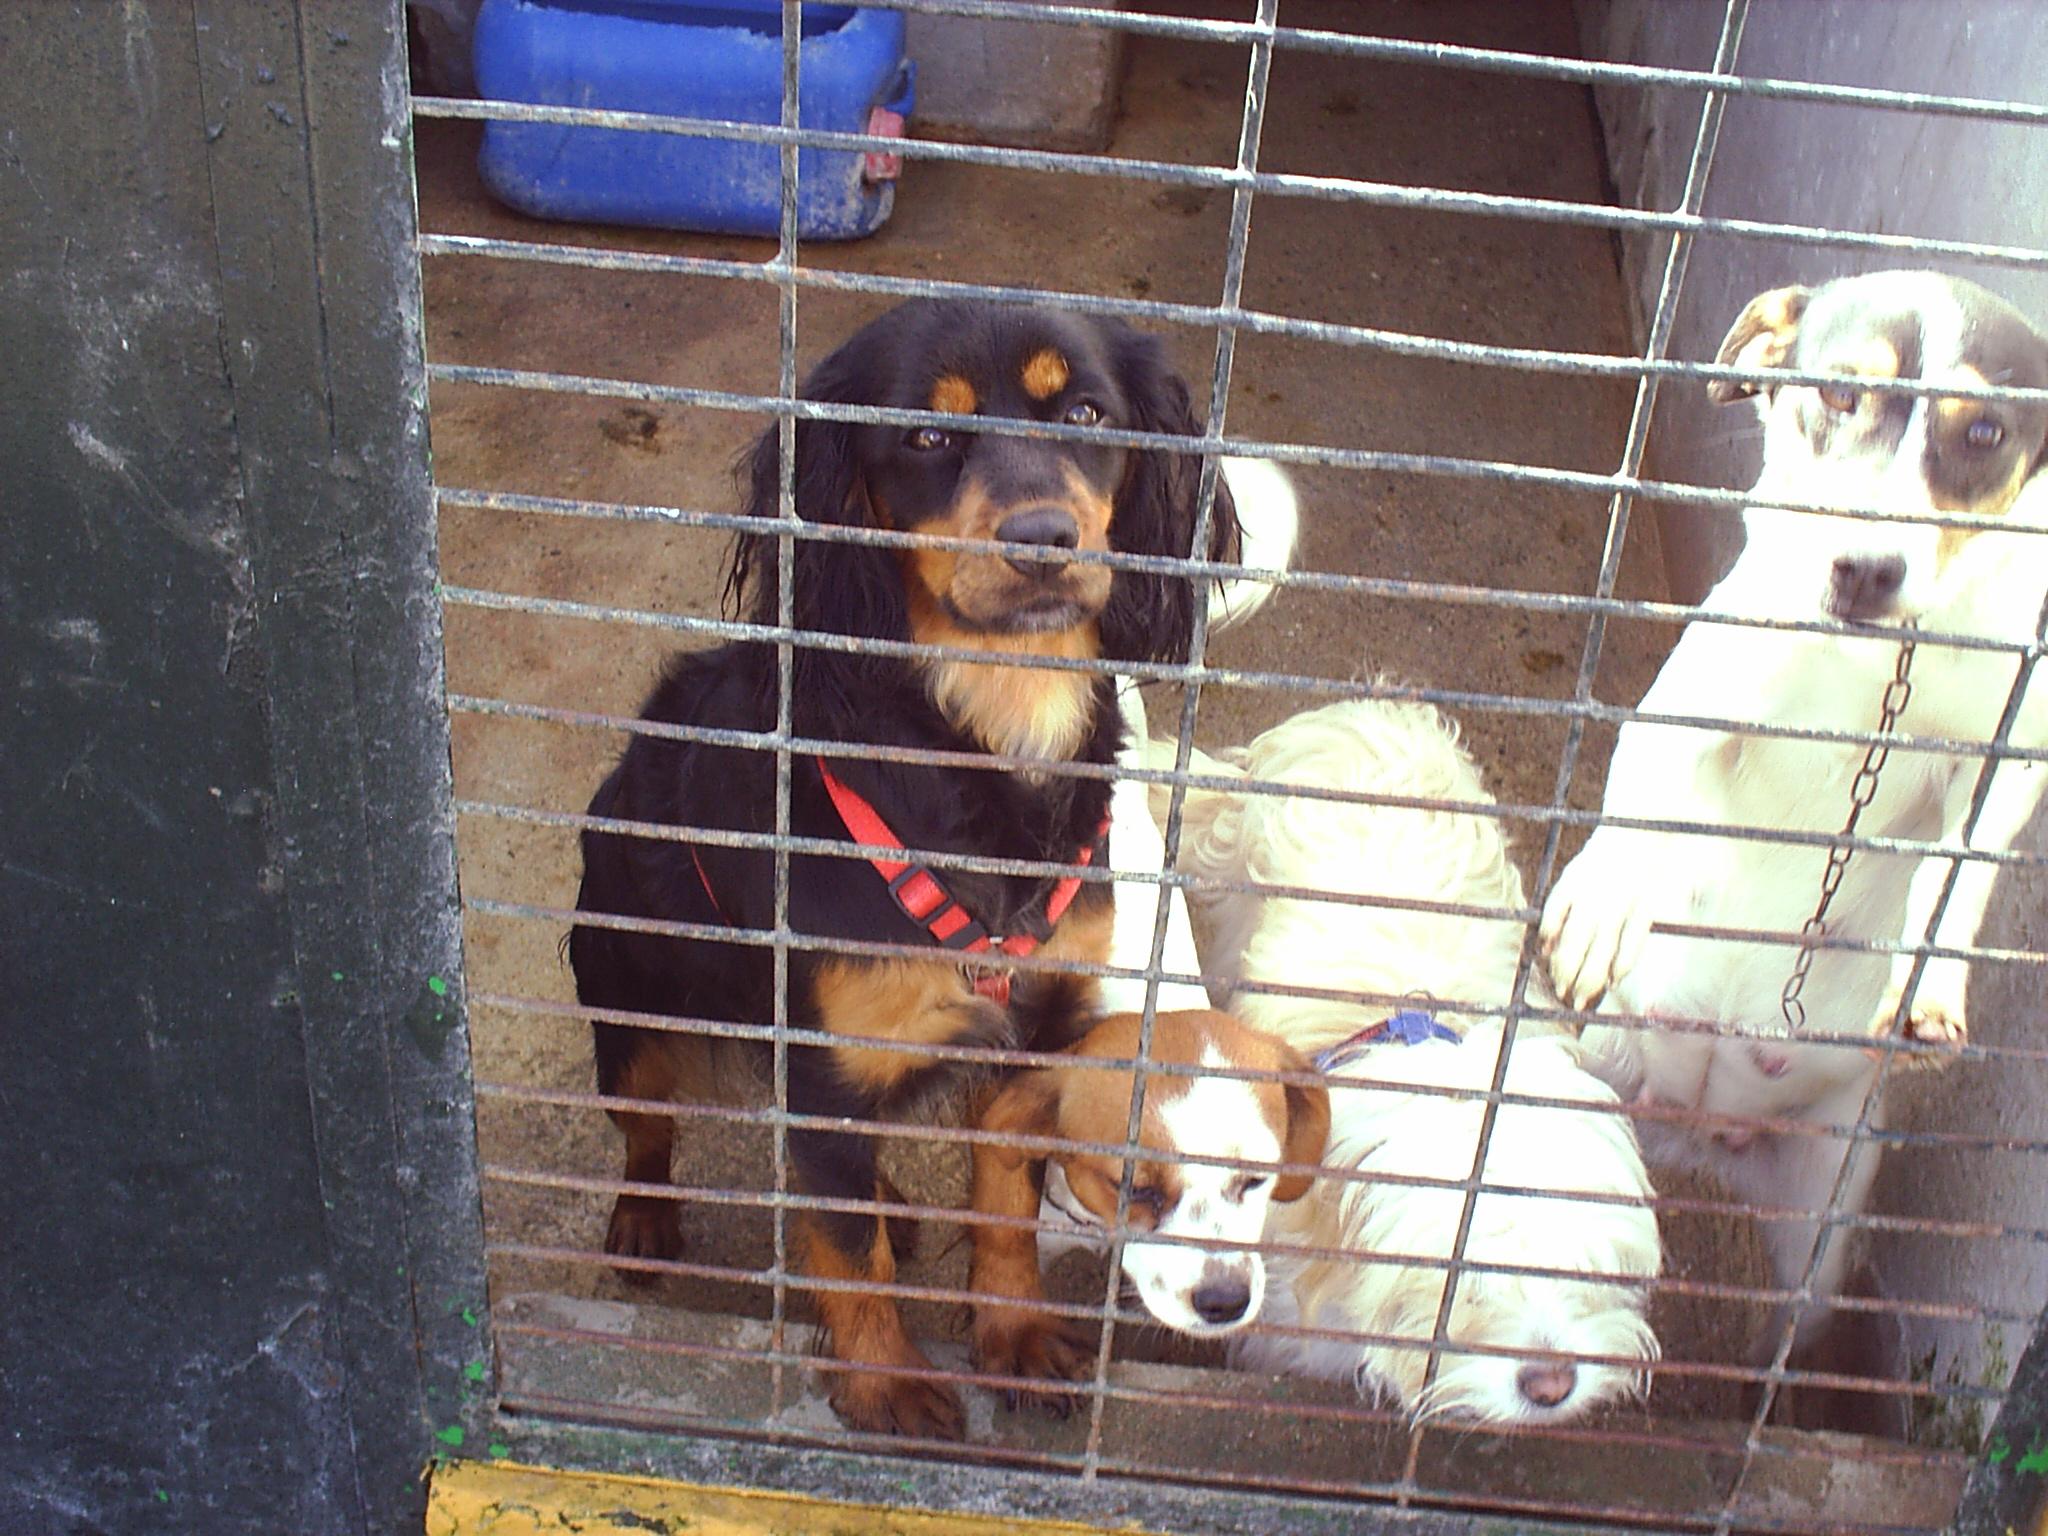 Los perros sufren y mueren en las perreras - Perrera de vilafranca ...